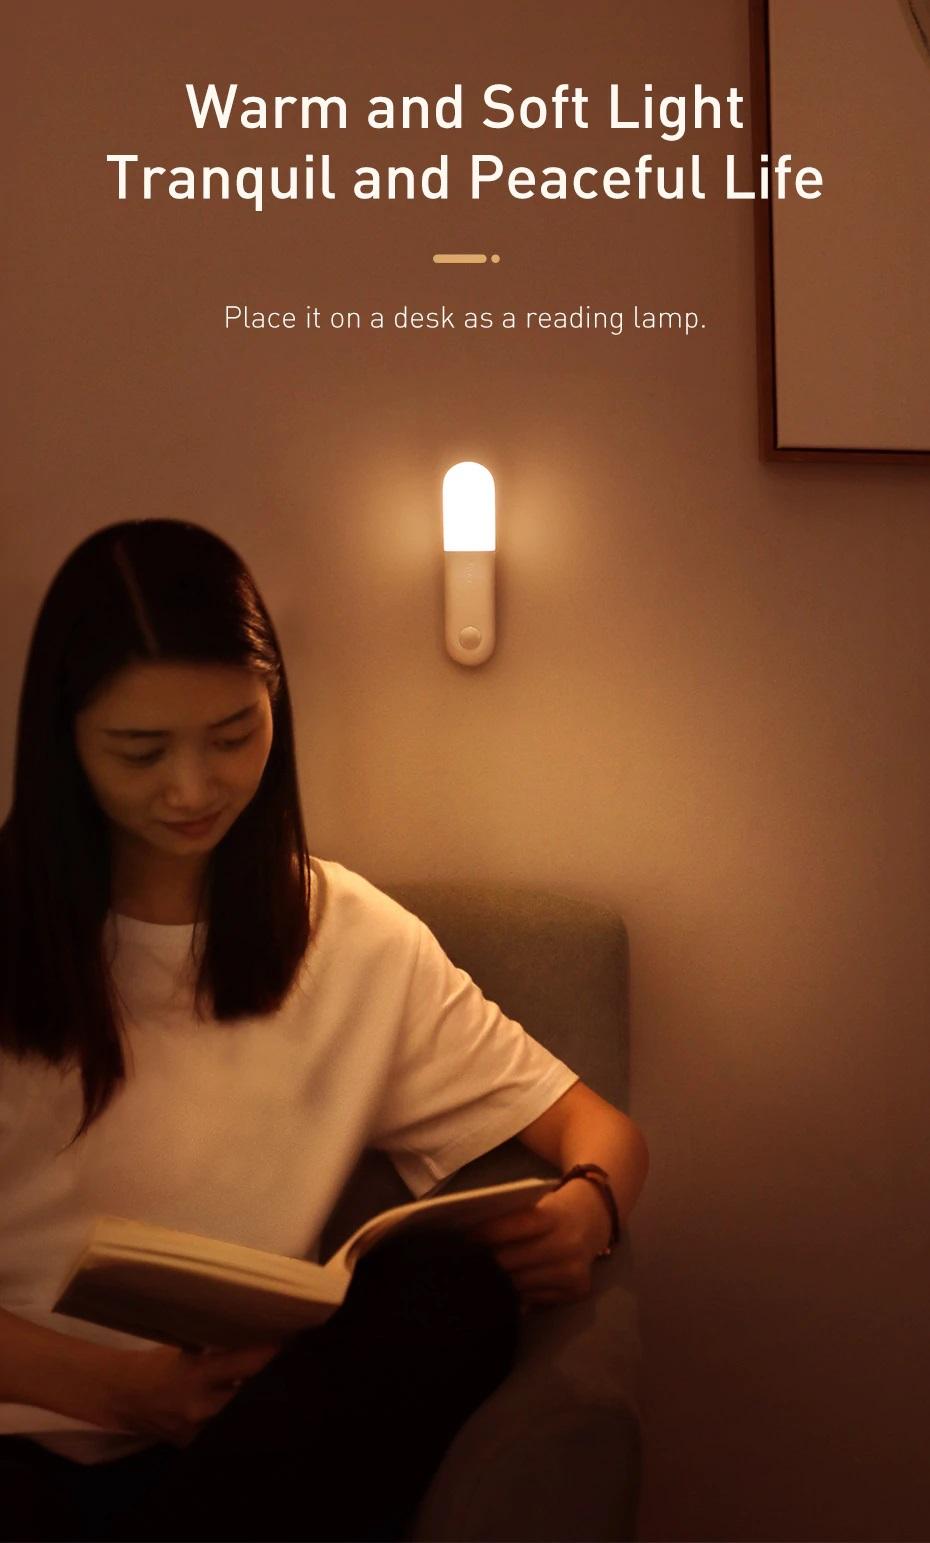 Đèn cảm ứng Baseus DGSUN-GA02 / DGSUN-GB02 - Hàng chính hãng